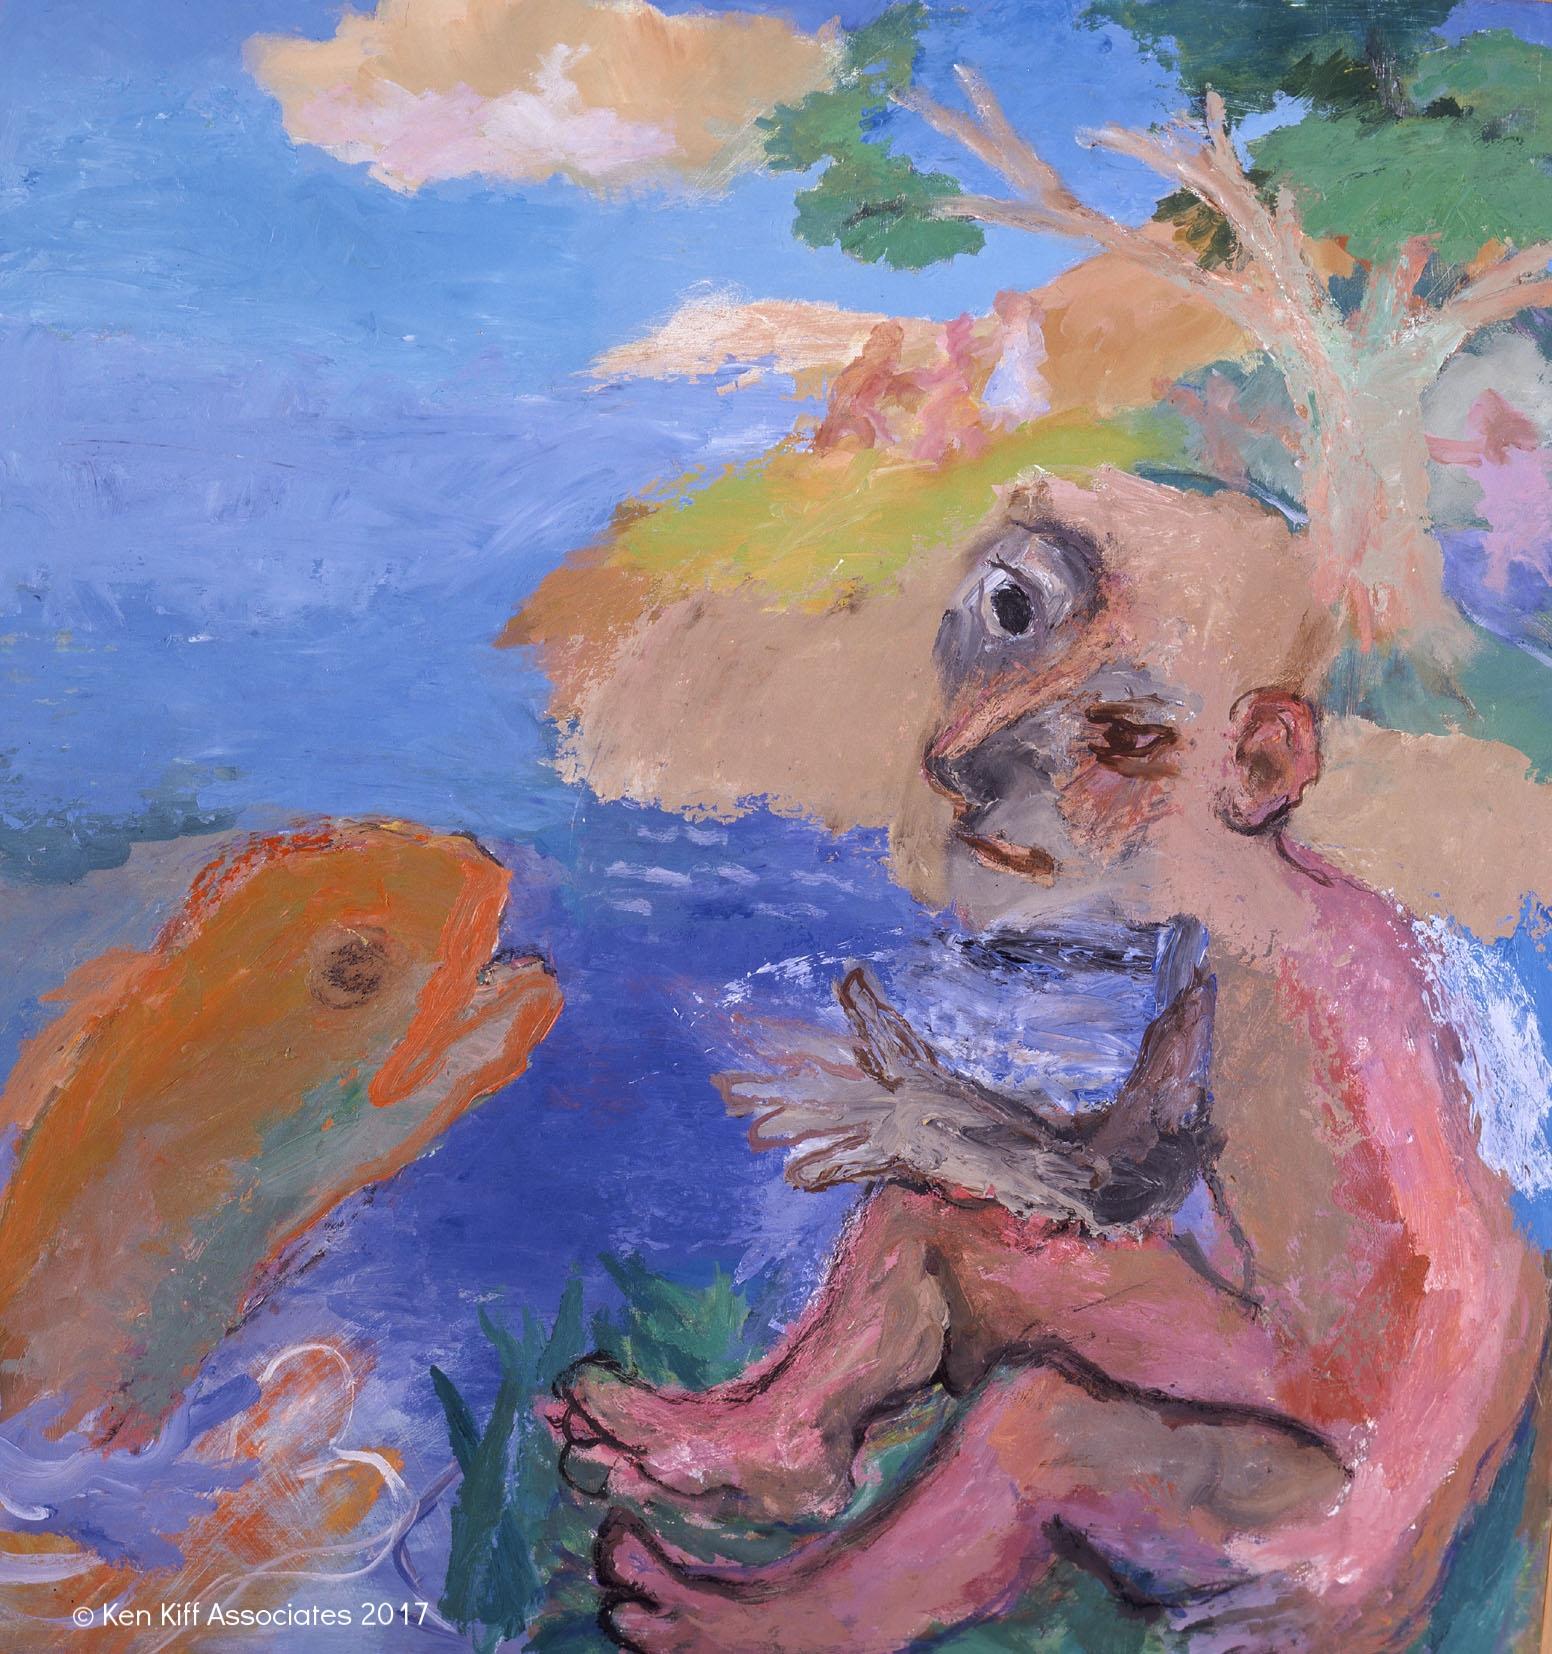 Ken Kiff - The Fish